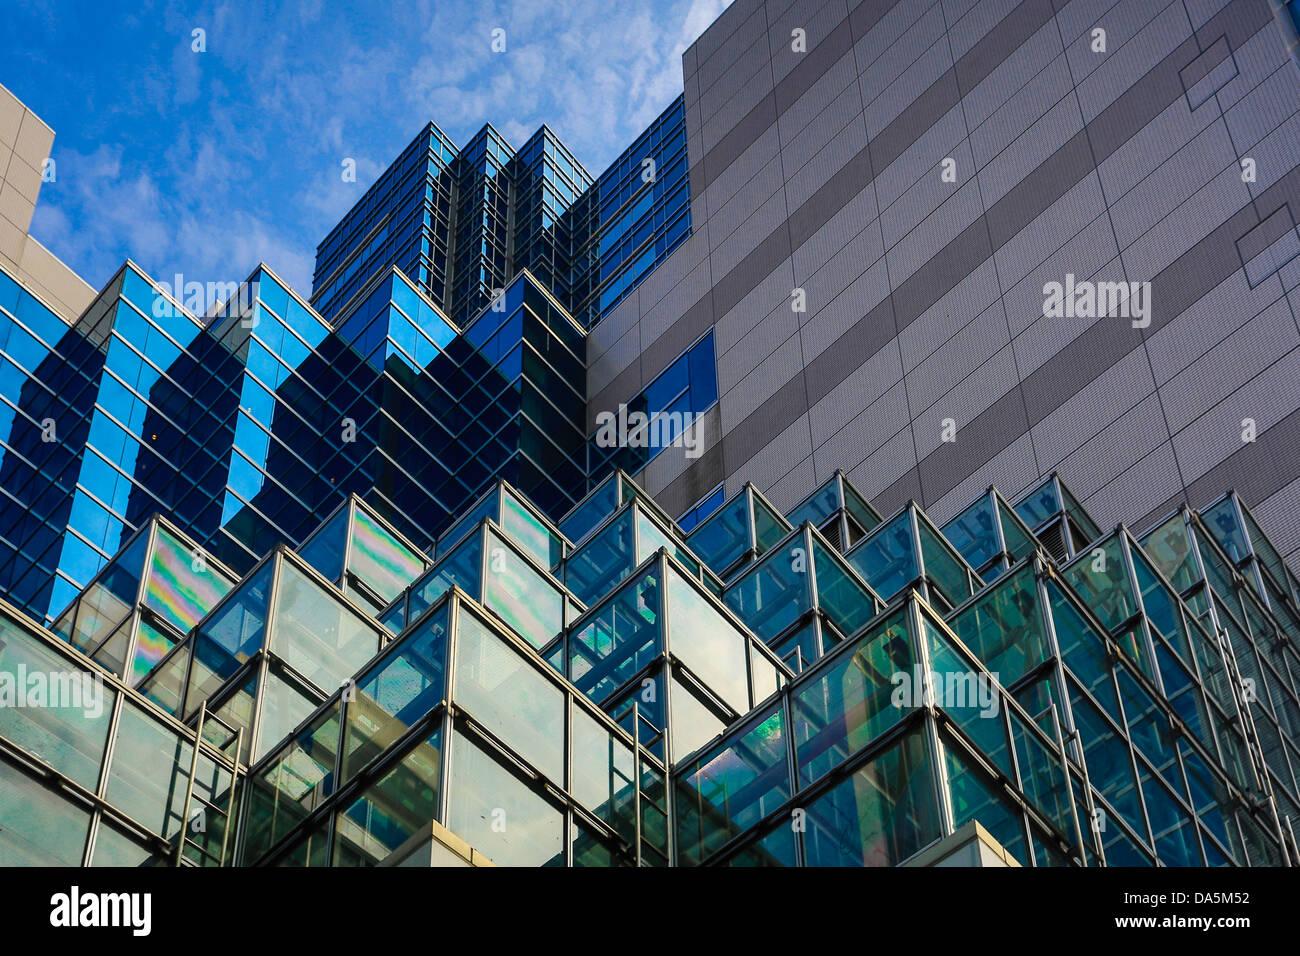 Japón, Asia, Tokio, la ciudad, el distrito de Ikebukuro, detalle, arquitectura, construcción, vidrio, Imagen De Stock